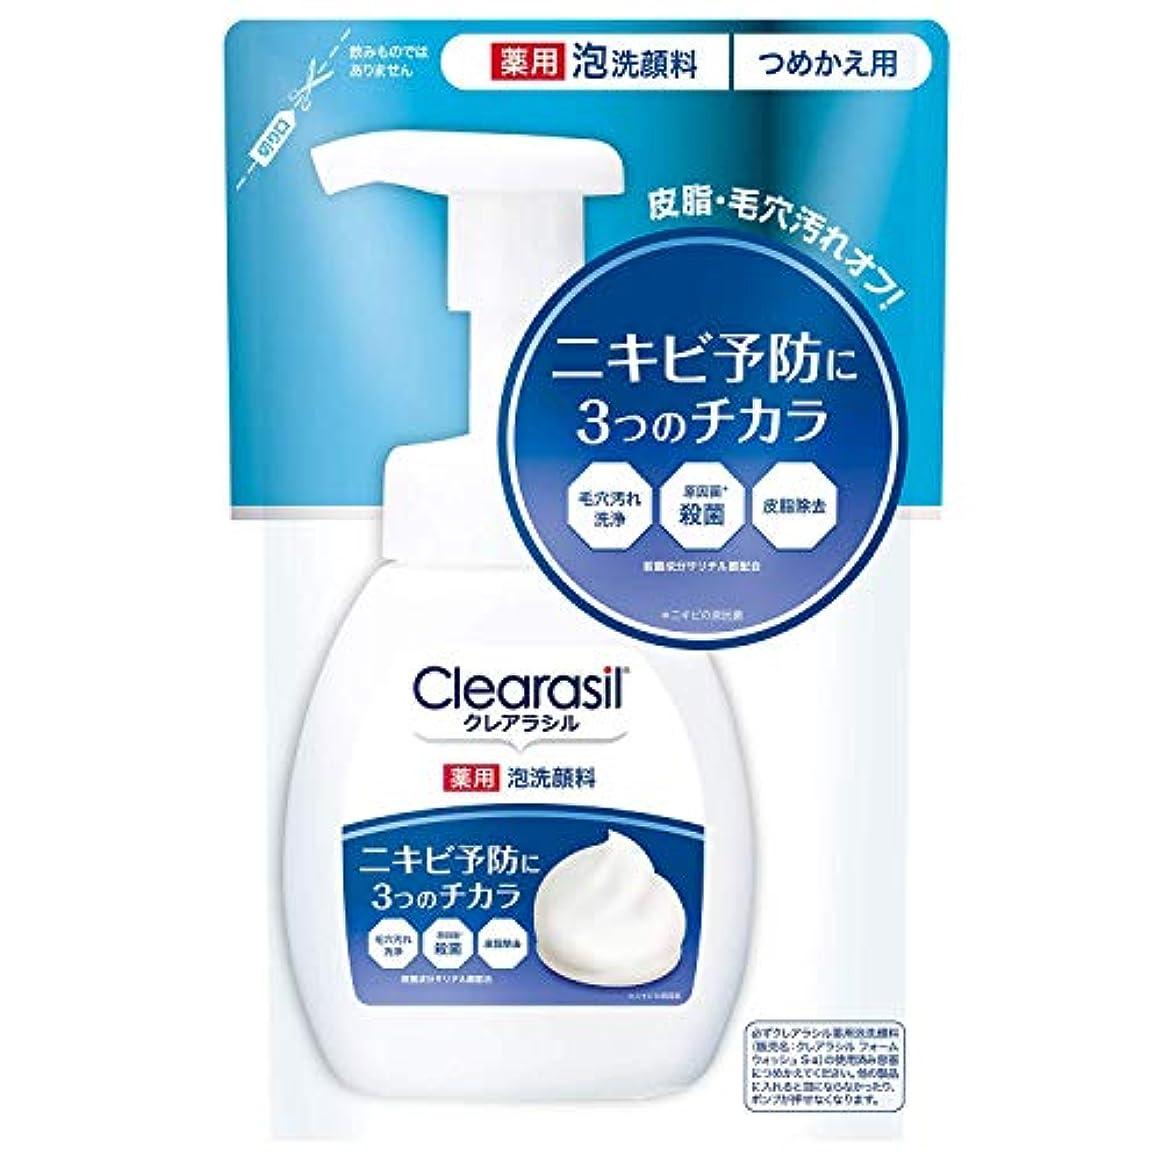 放出適合しました遠いクレアラシル 薬用泡洗顔フォーム10X 180ml ×2セット